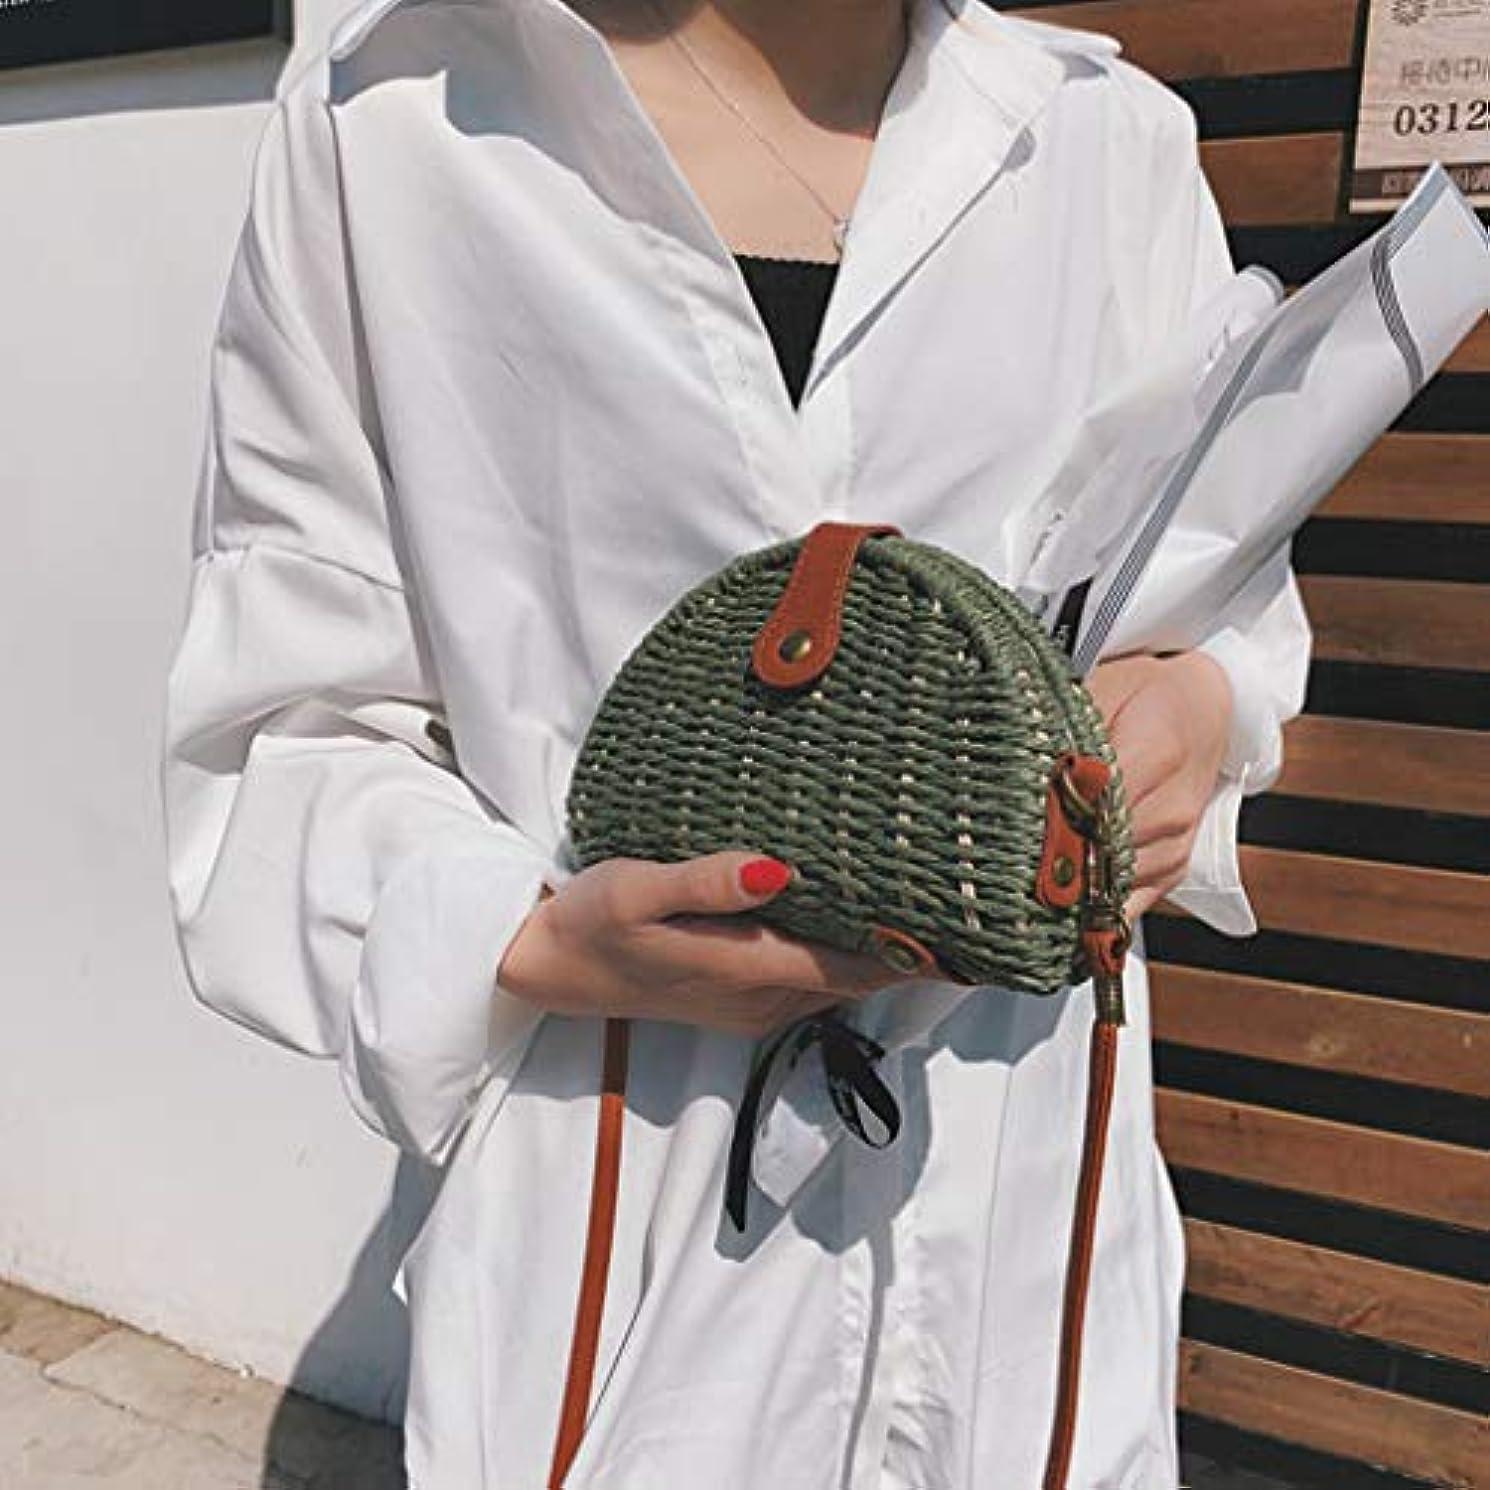 過去間に合わせ明確に女性ミニ織りビーチショルダーバッグレディースボヘミアンスタイルレジャーハンドバッグ、女性のミニ織クロスボディバッグ、レディースミニファッションビーチスタイルクロスボディバッグ (緑)